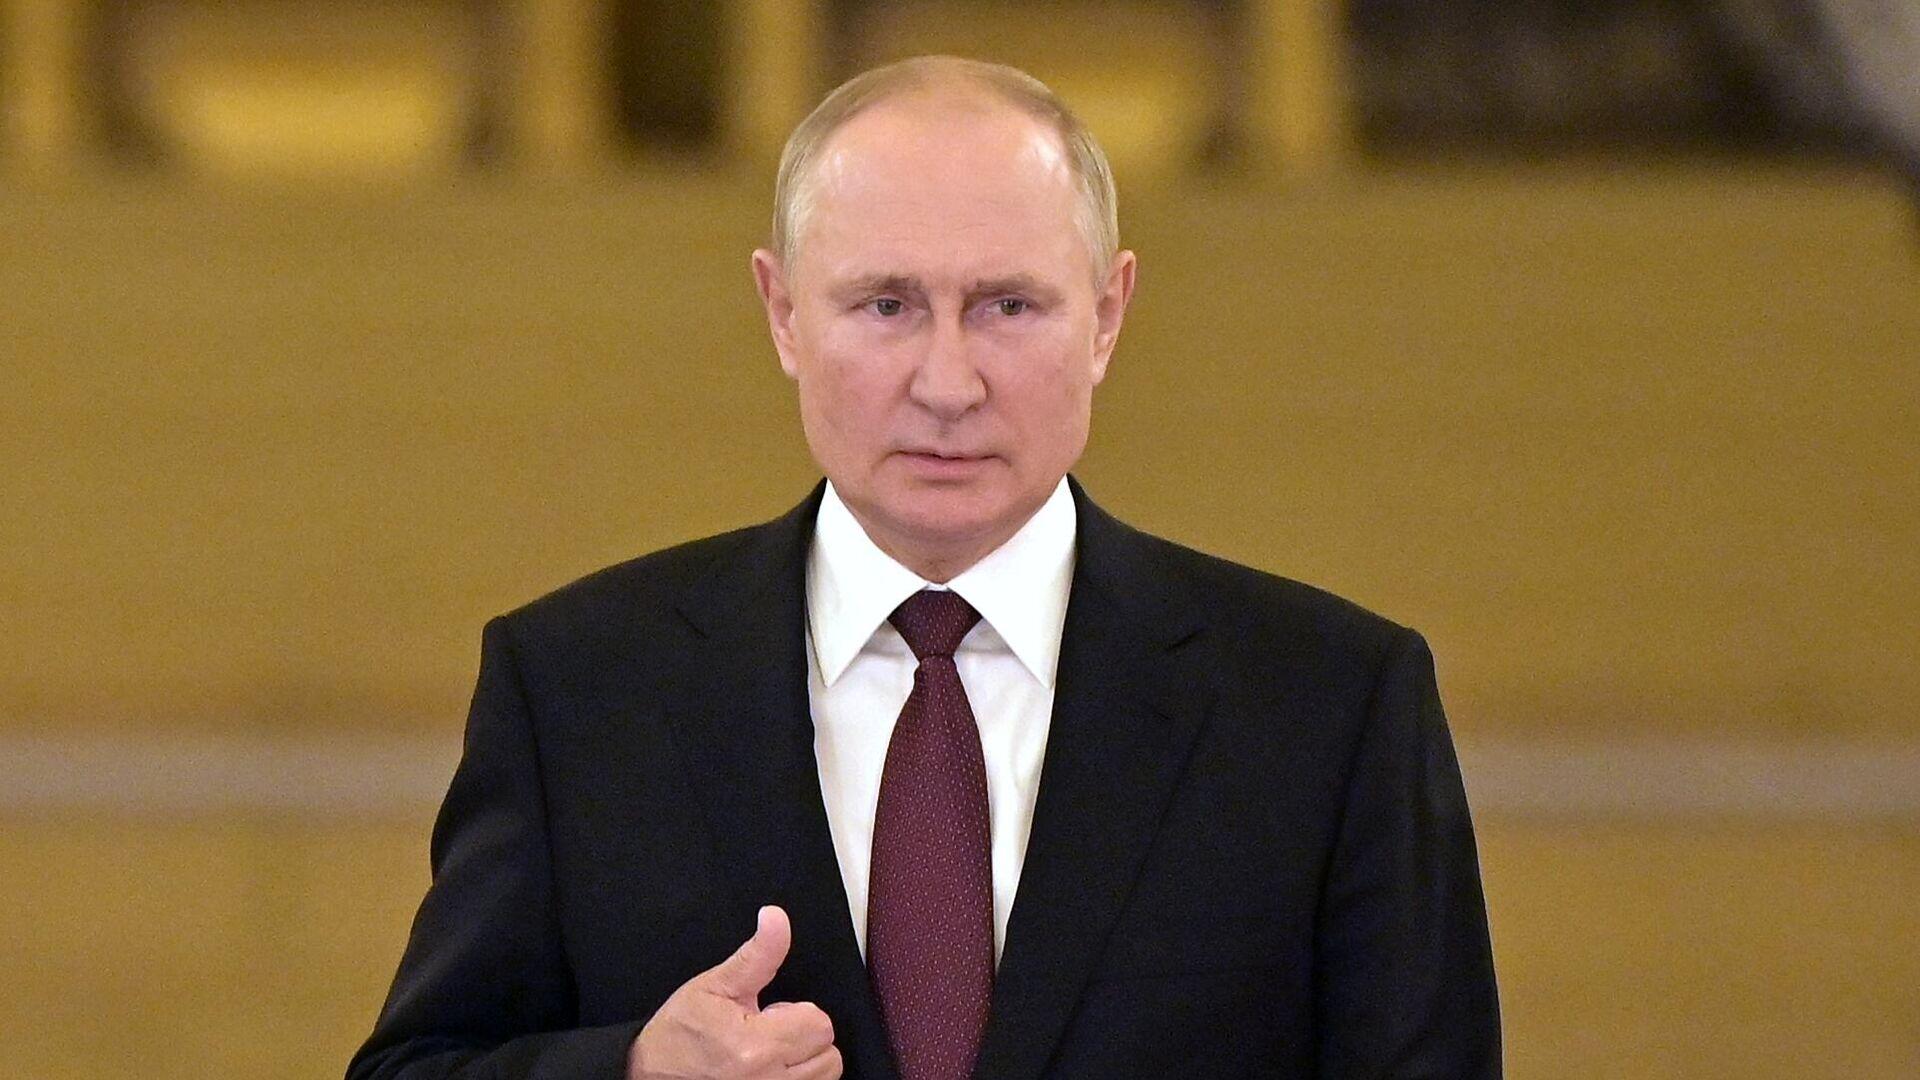 O Βλαντίμιρ Πούτιν μετά τη συνάντηση με Μέρκελ - Sputnik Ελλάδα, 1920, 25.09.2021